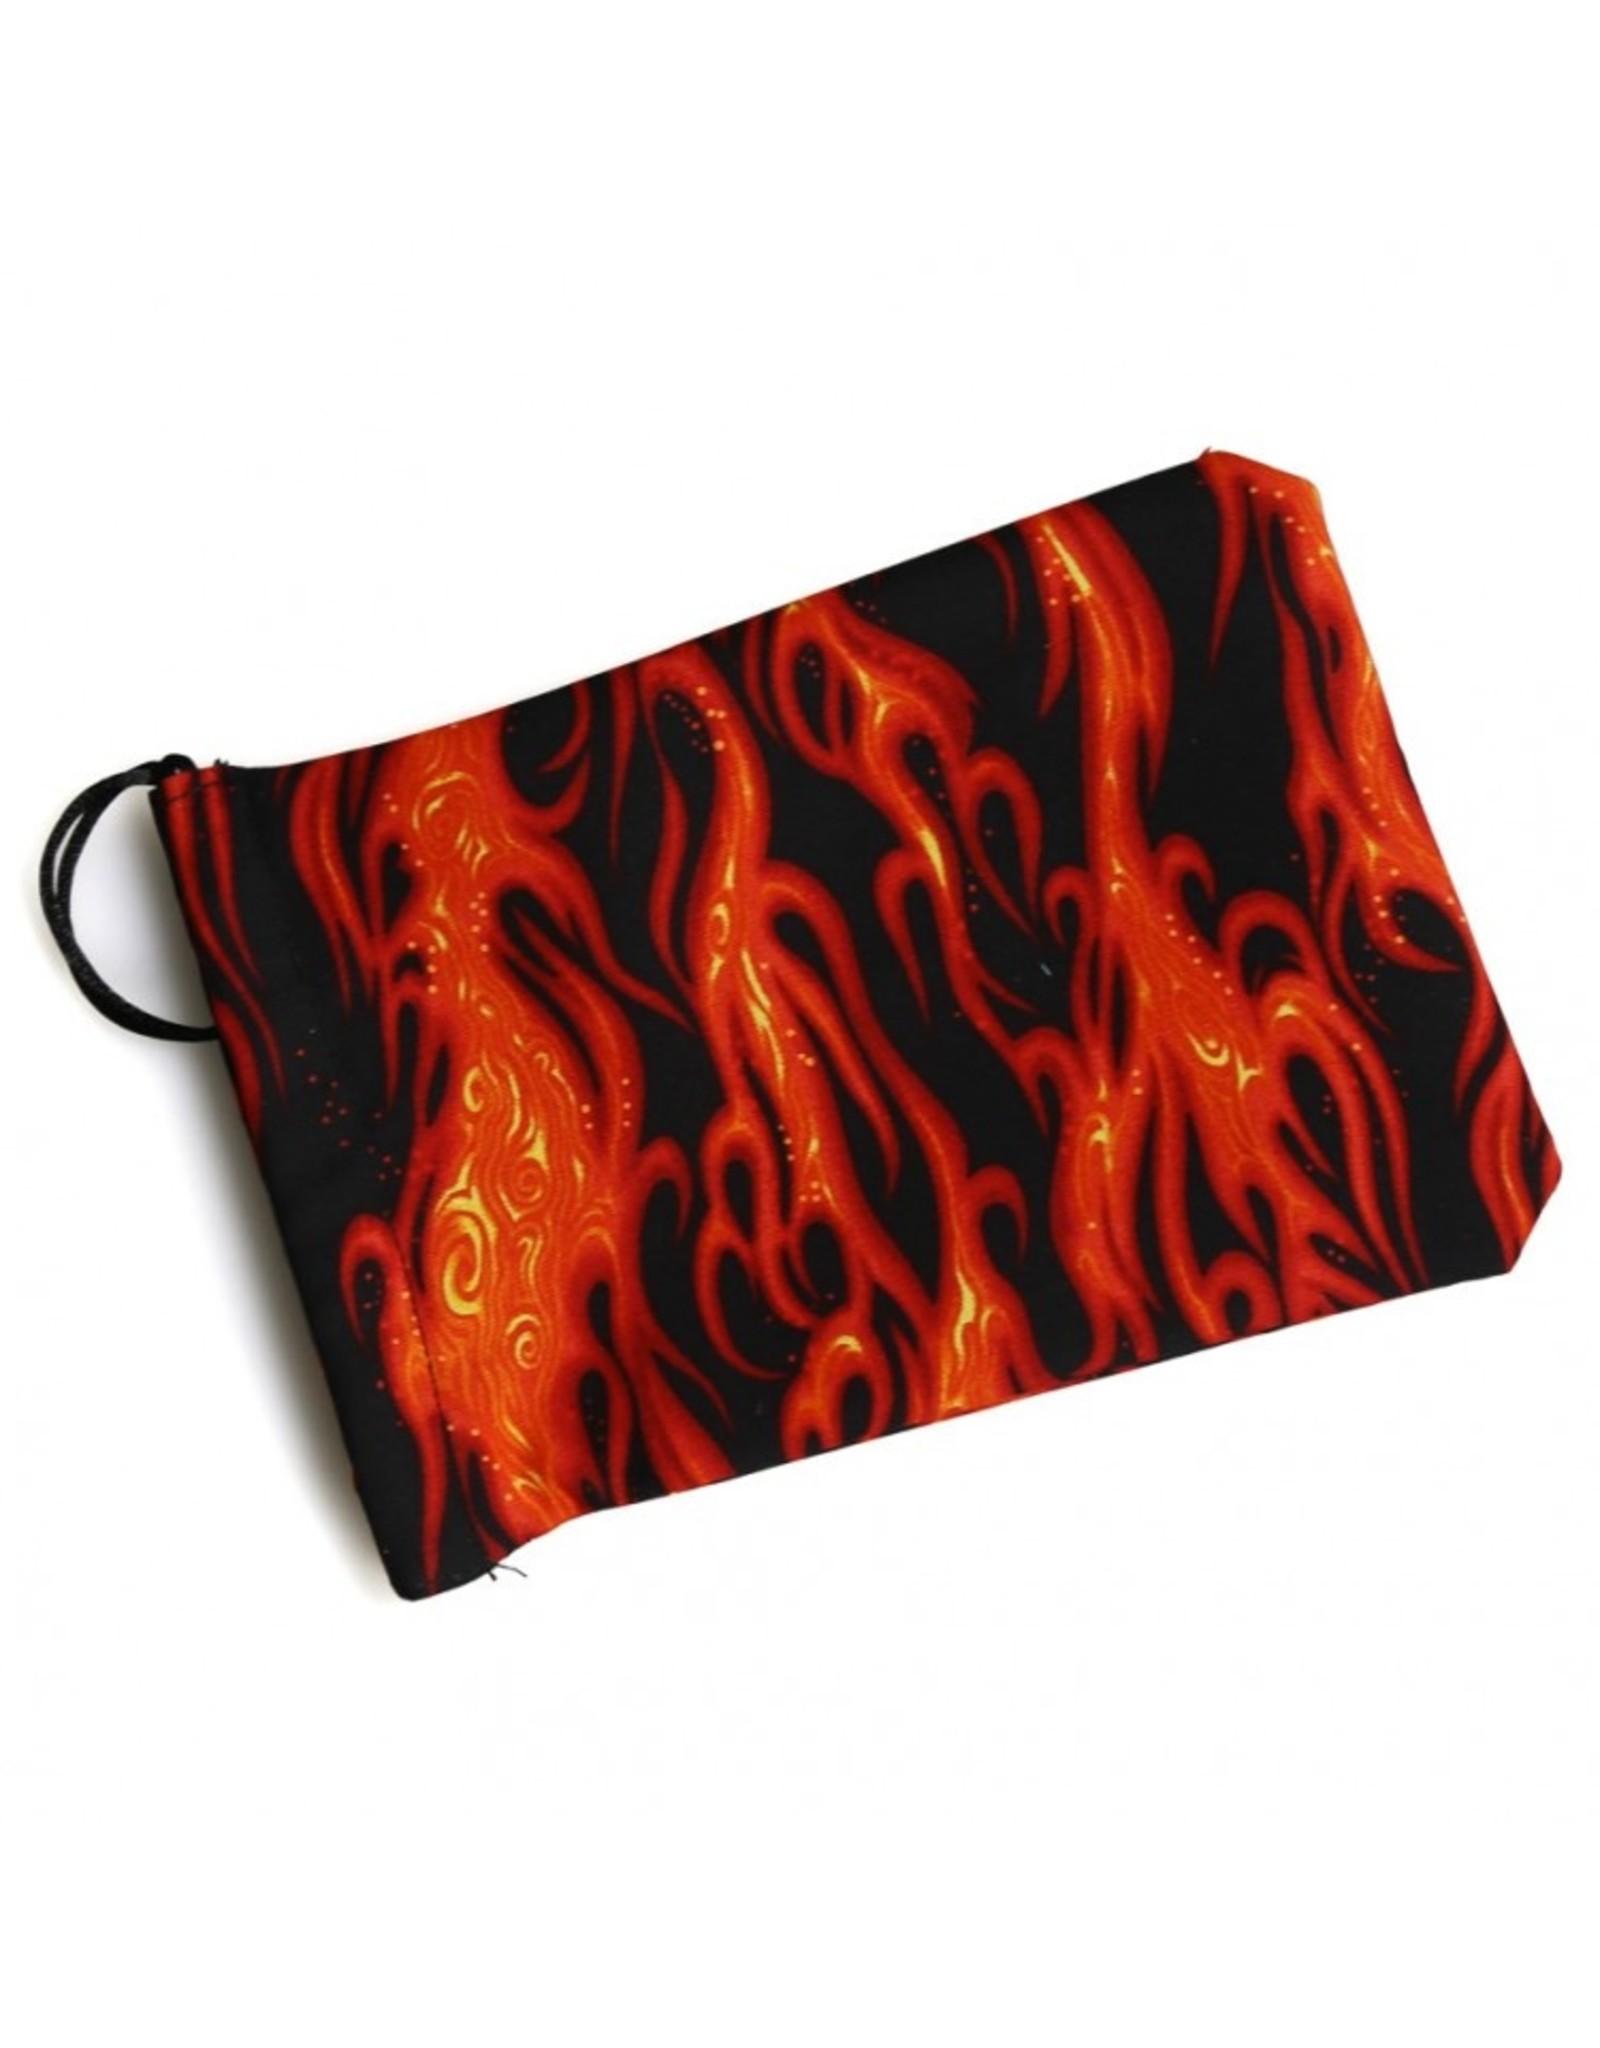 Dice Dice Bag: Black Flame 2